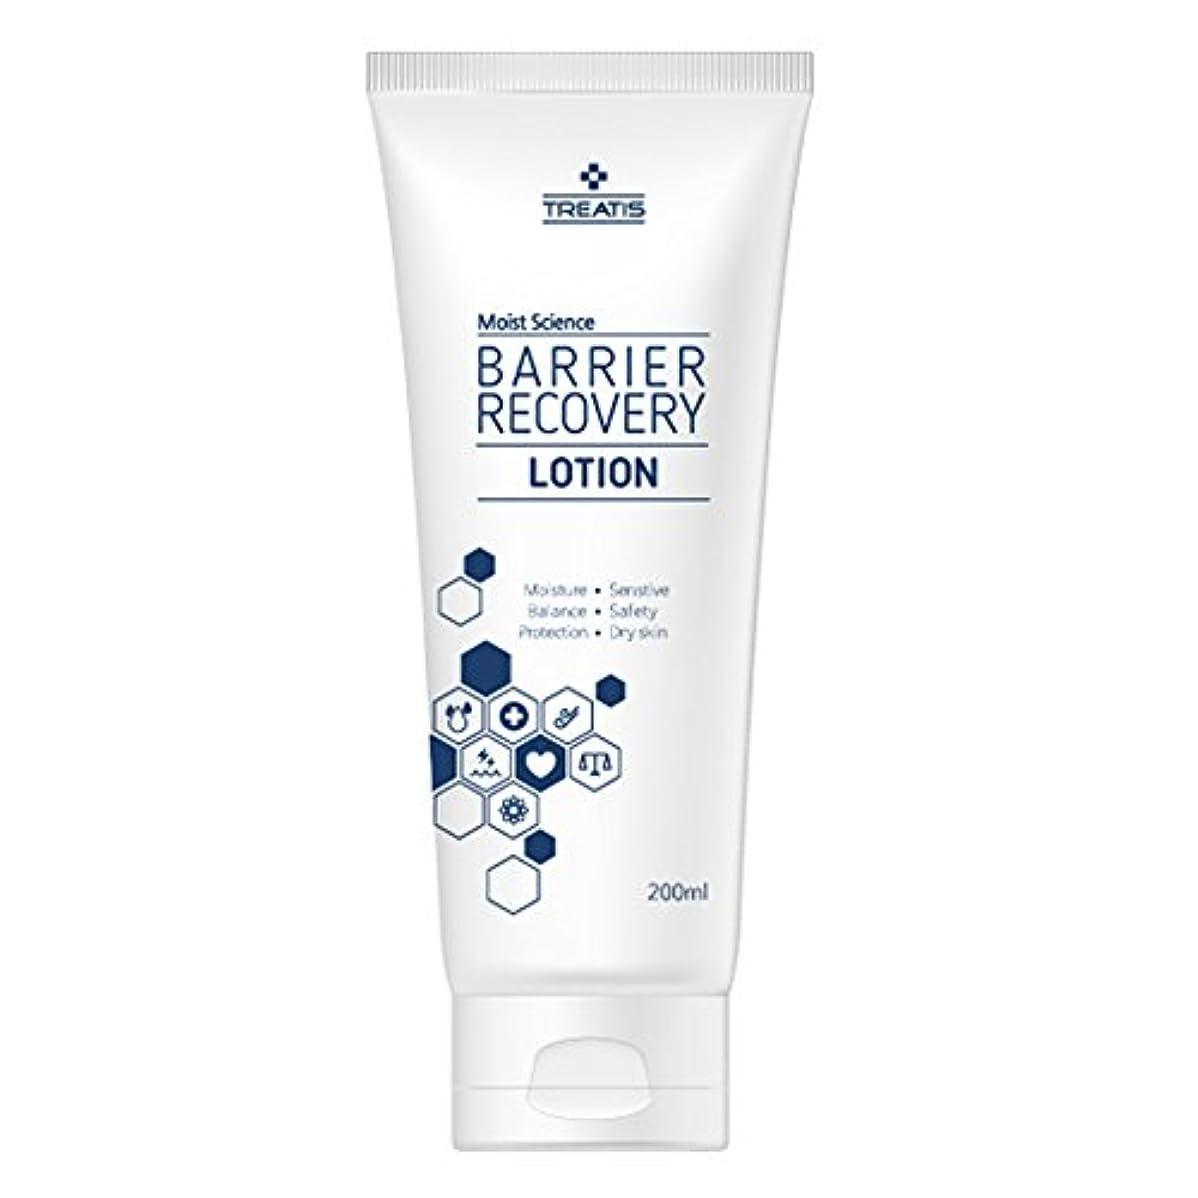 ミュージカルグリース切手Treatis barrier recovery lotion 7oz (200ml)/Moisture, Senstive, Balance, Safty, Protection, Dry skin [並行輸入品]